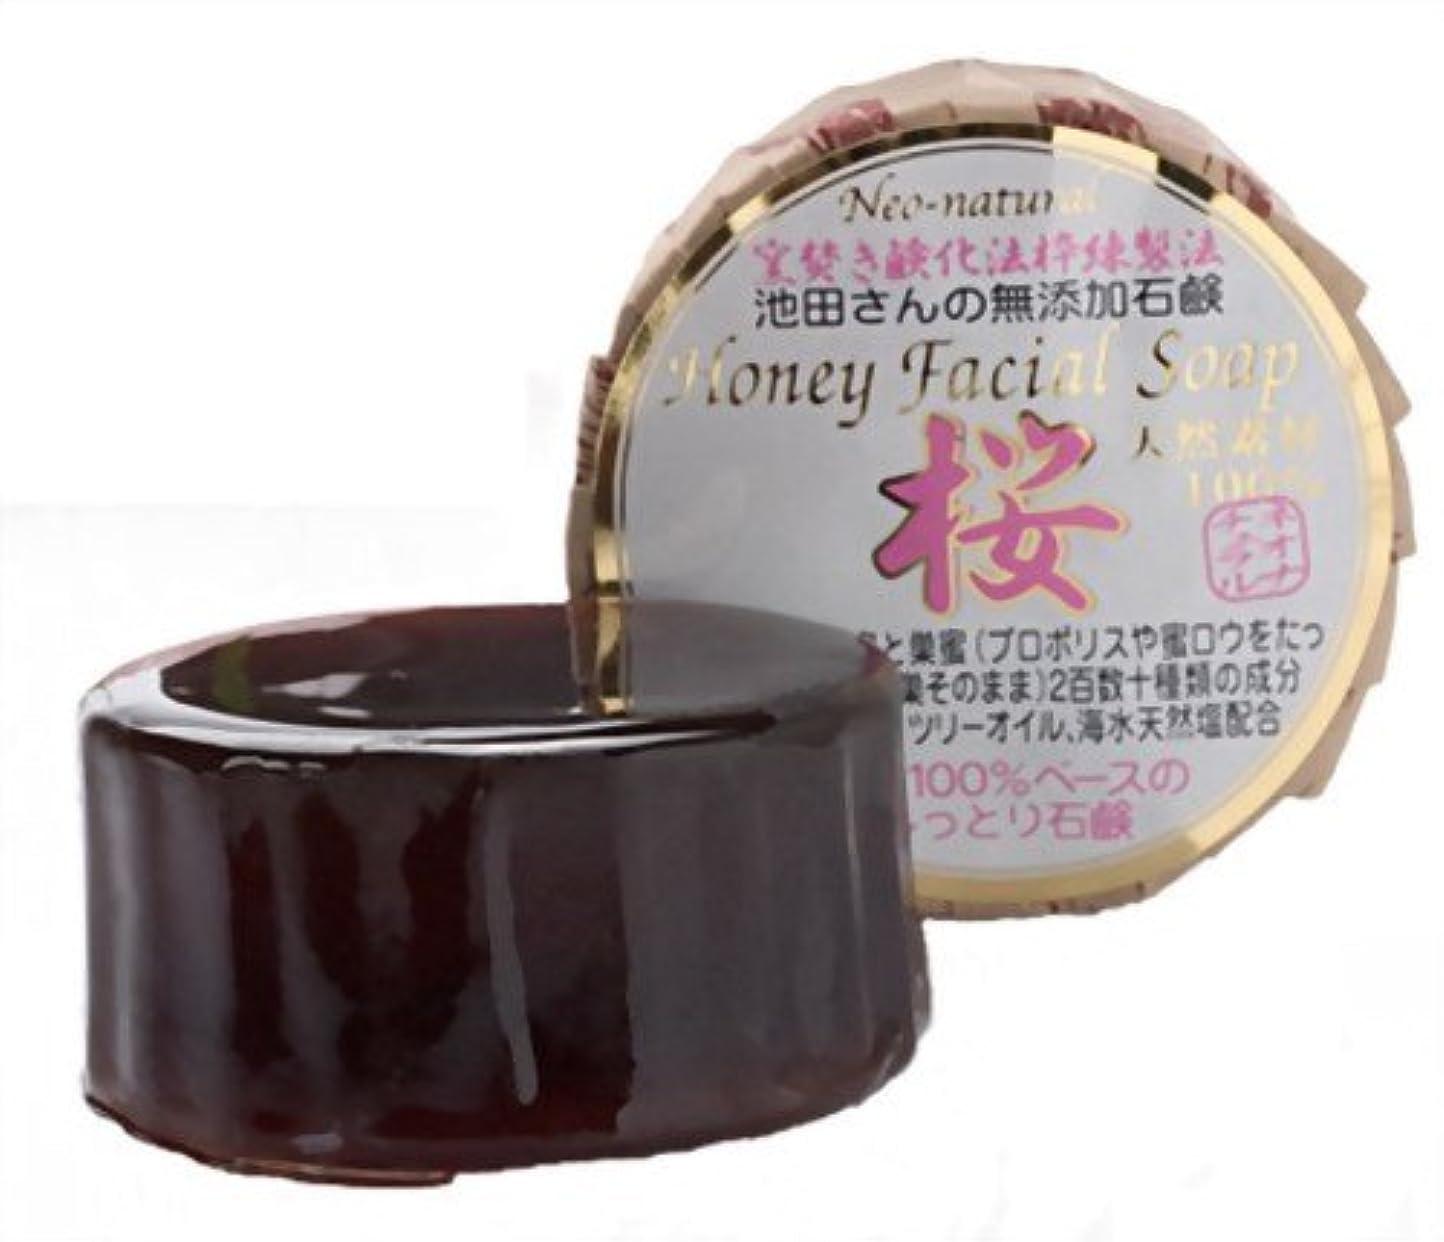 経過いろいろ納得させるネオナチュラル 池田さんのハニーフェイシャルソープ桜 80g